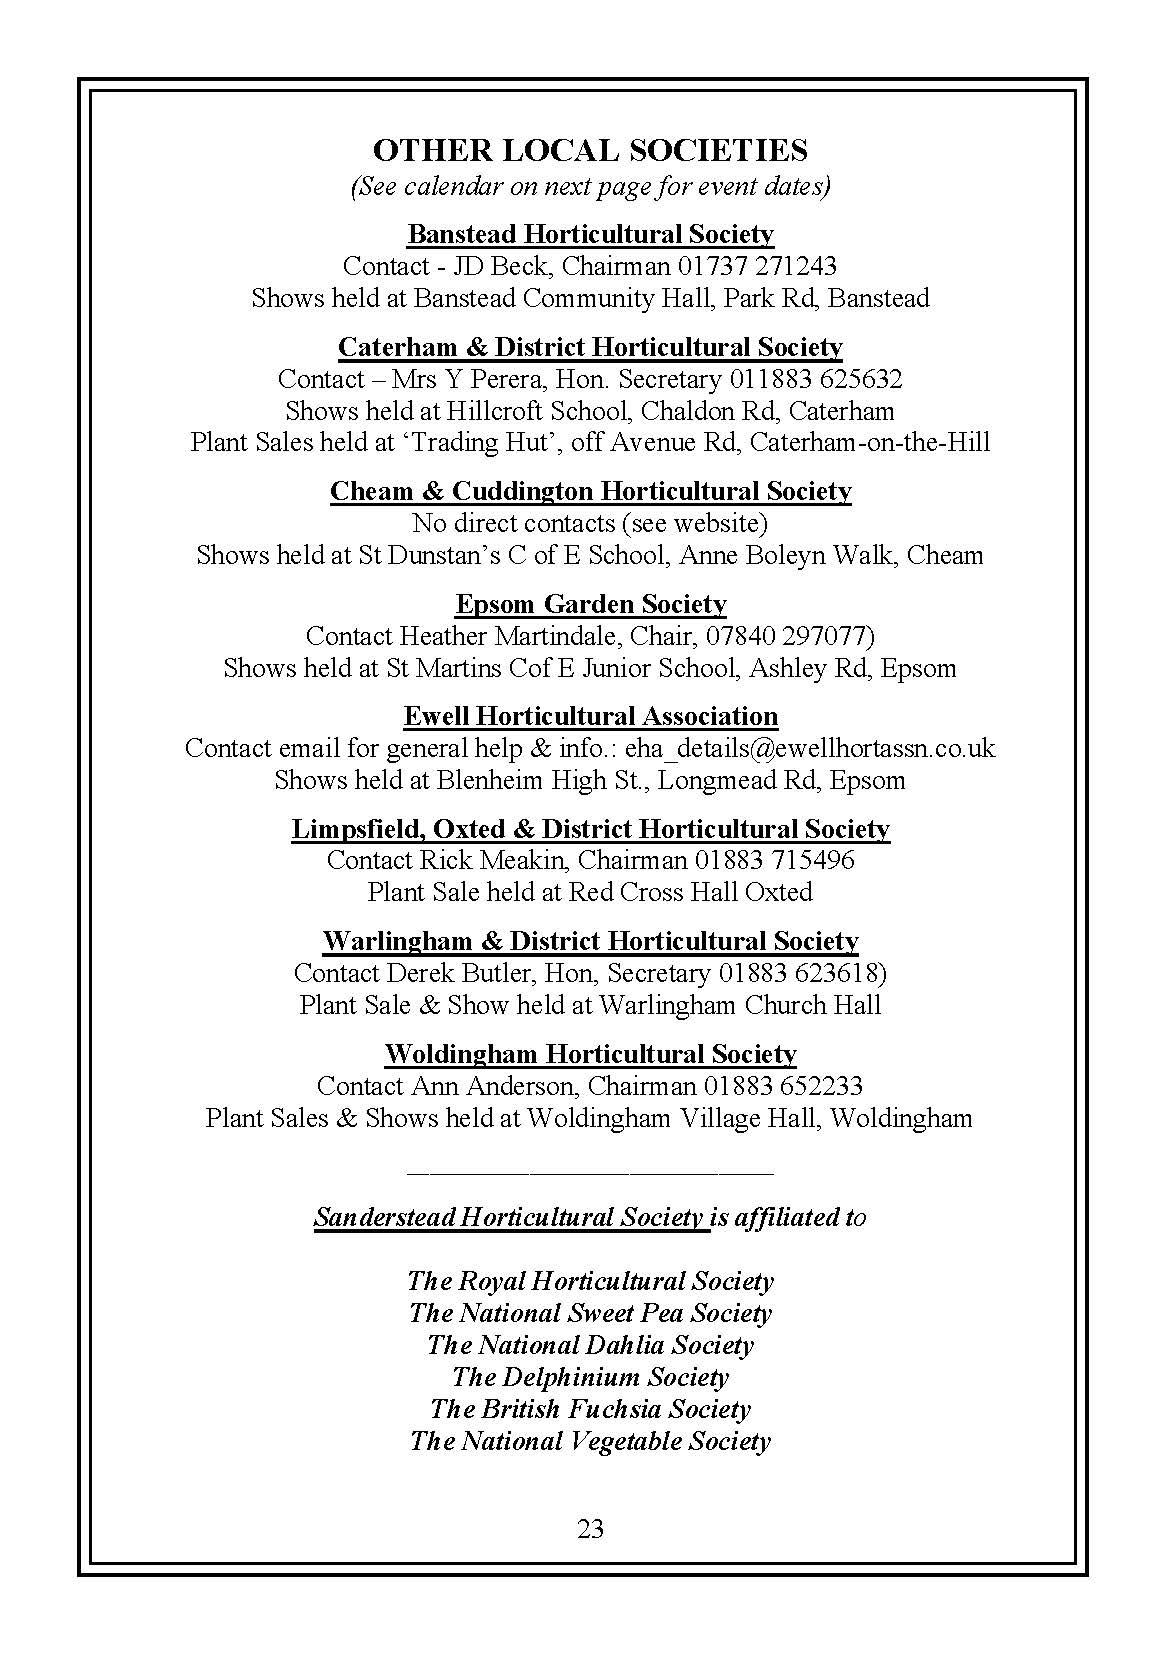 SHS Autumn Schedule 2019-2020_Page_13.jpg